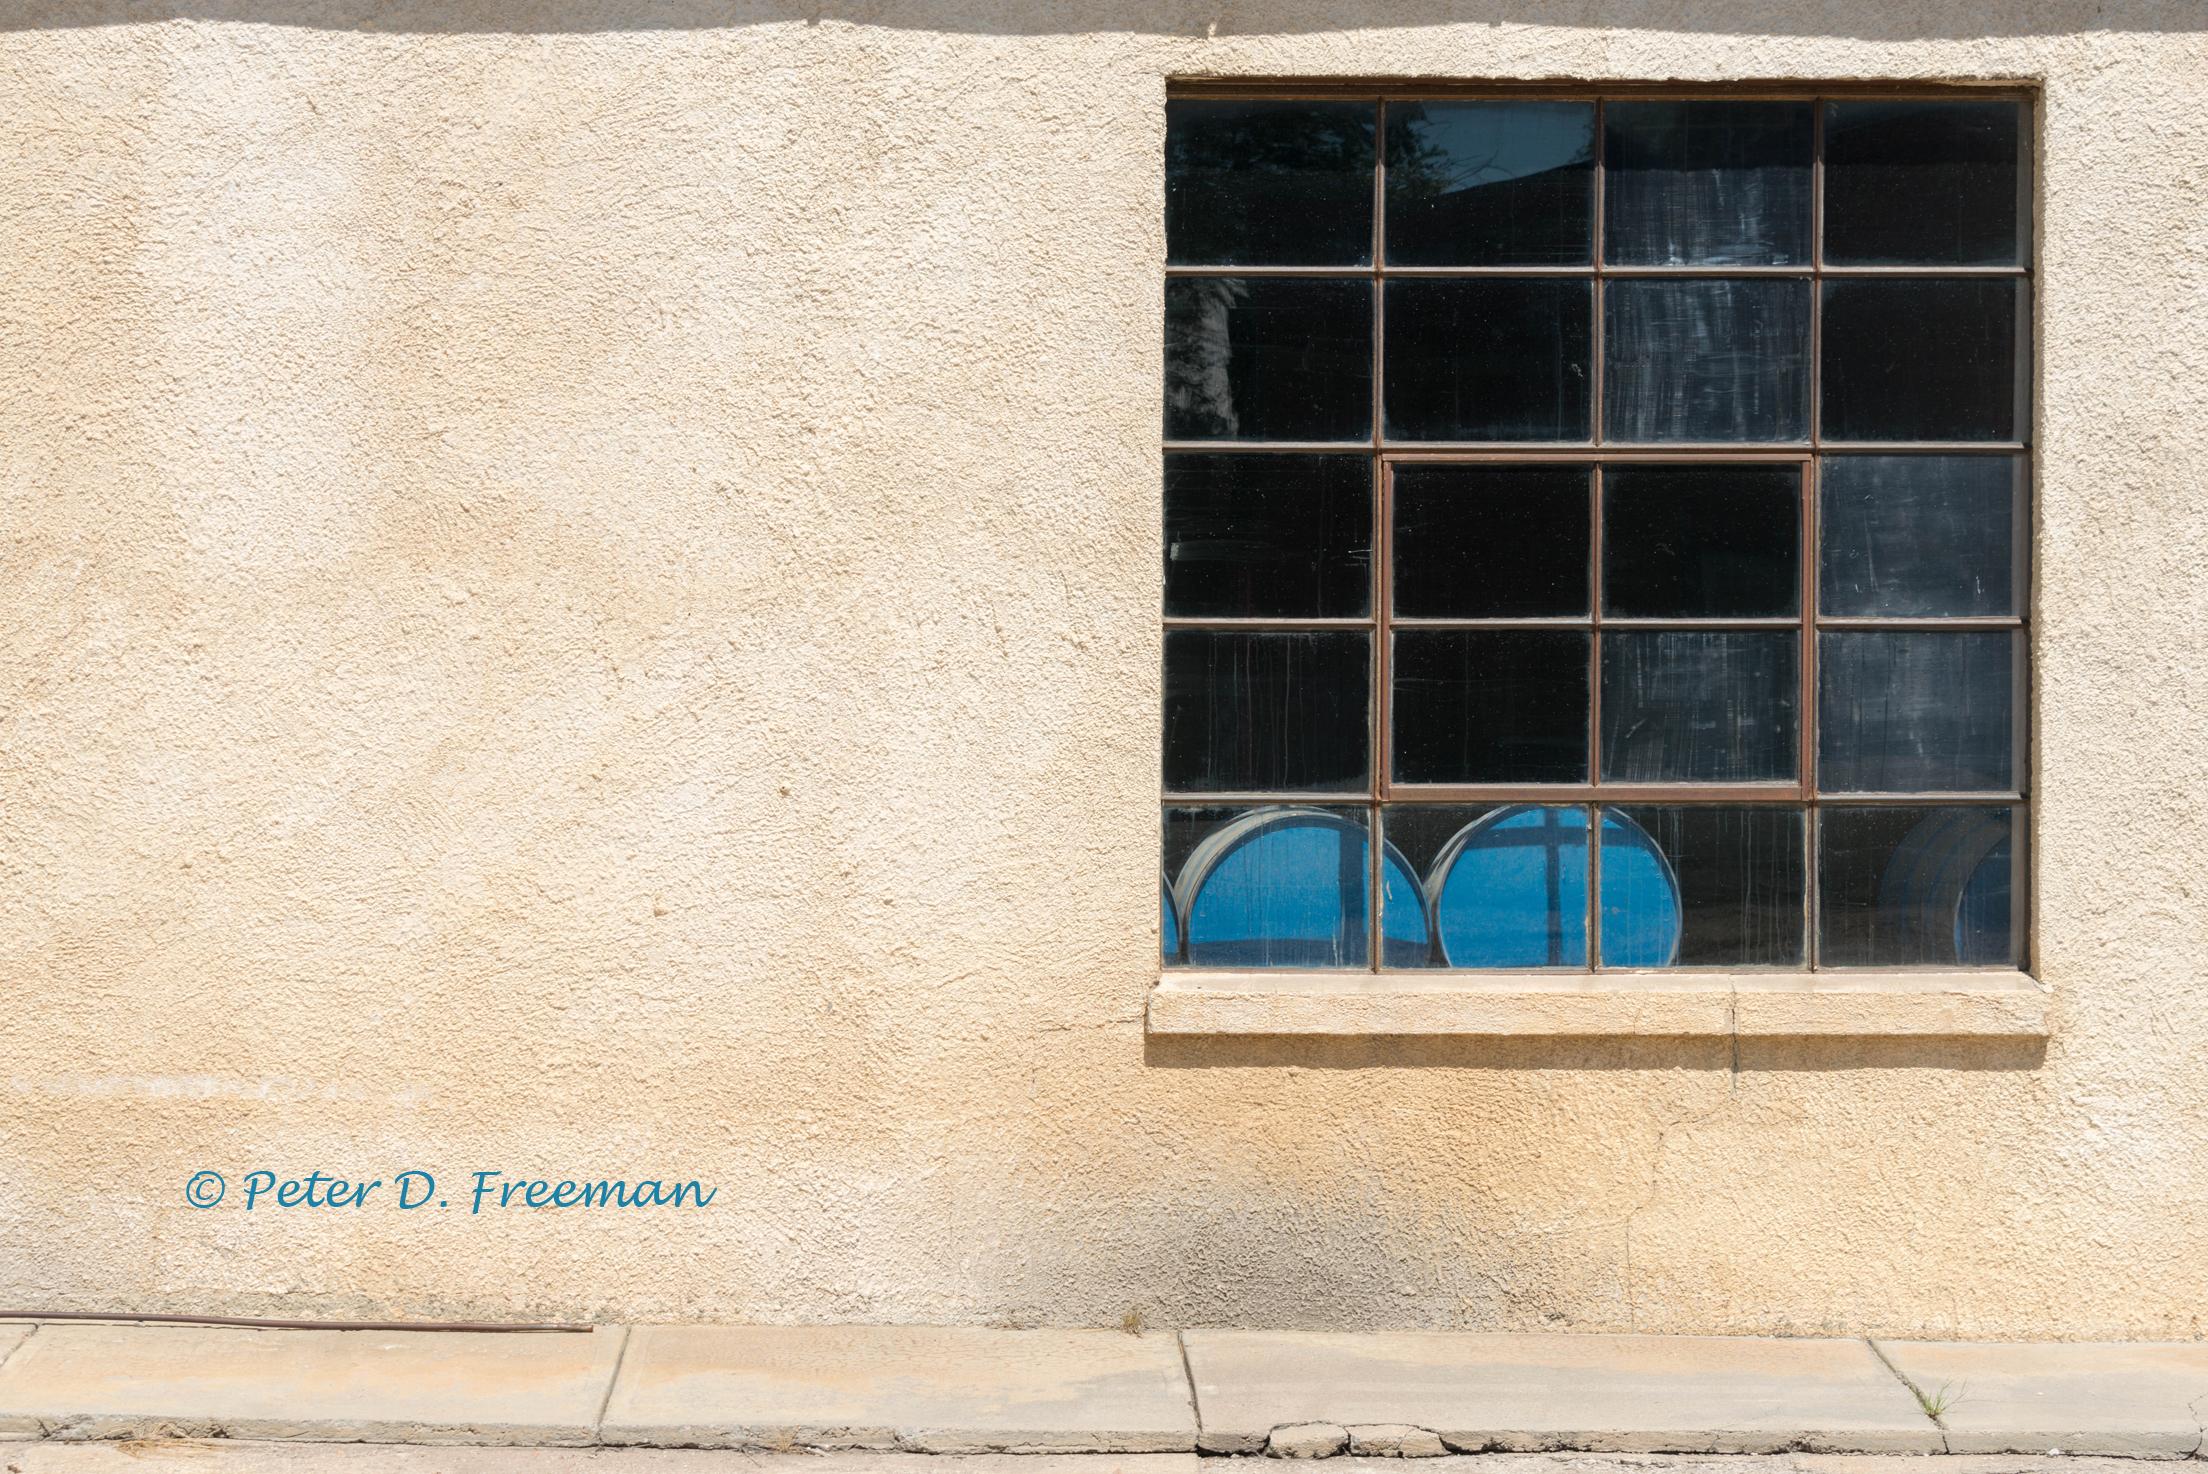 Barrels in the Window